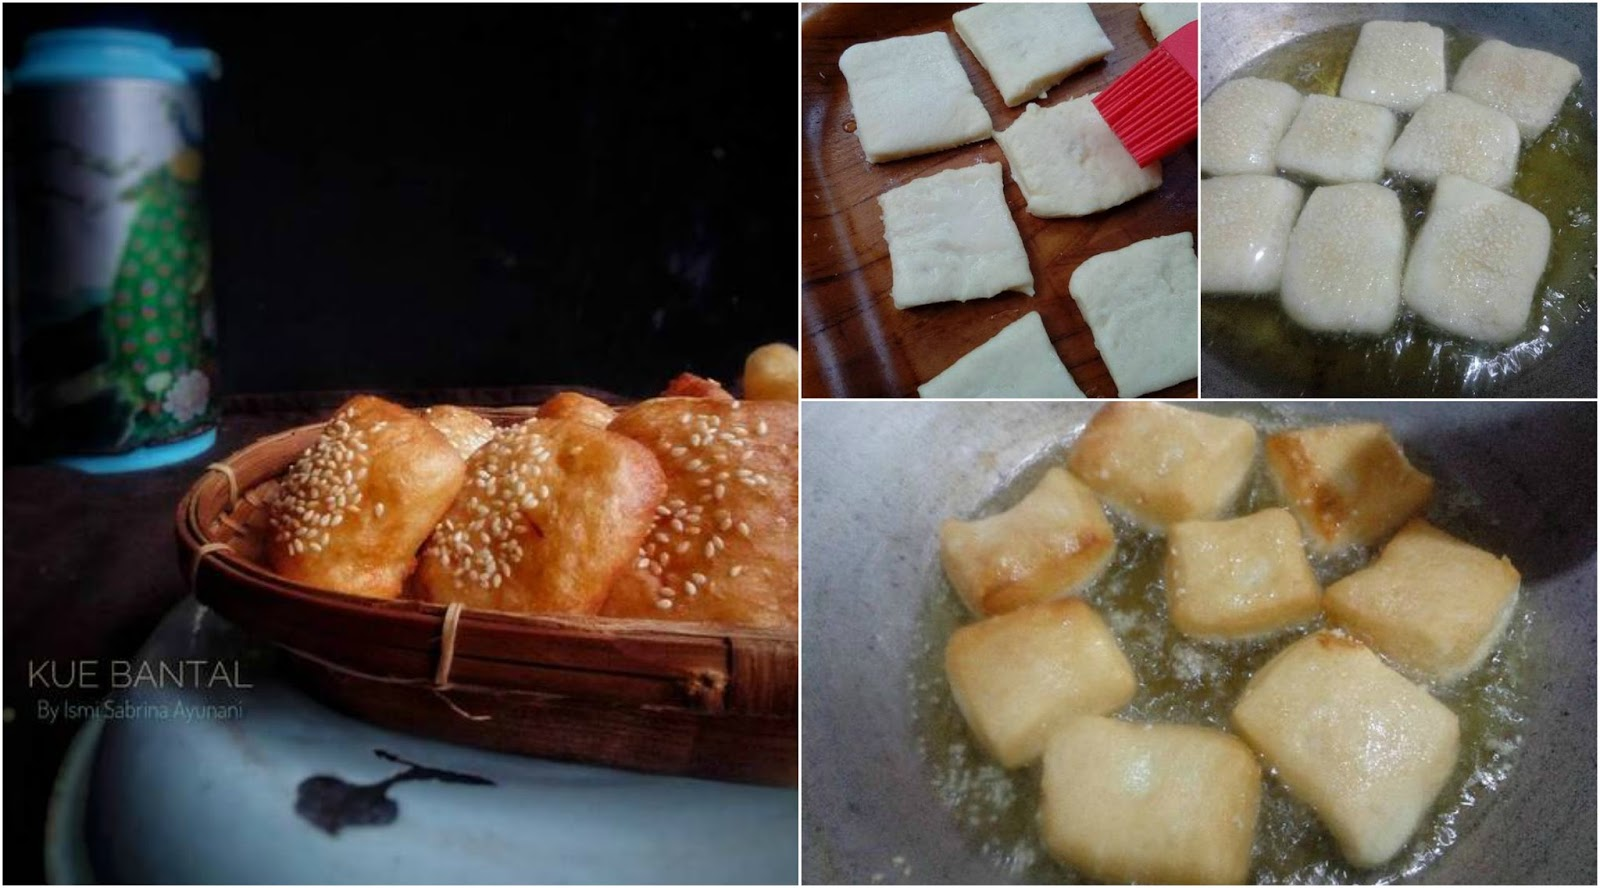 Resep Membuat Kue Bantal Yang Enak, Manis, Dan Empuk